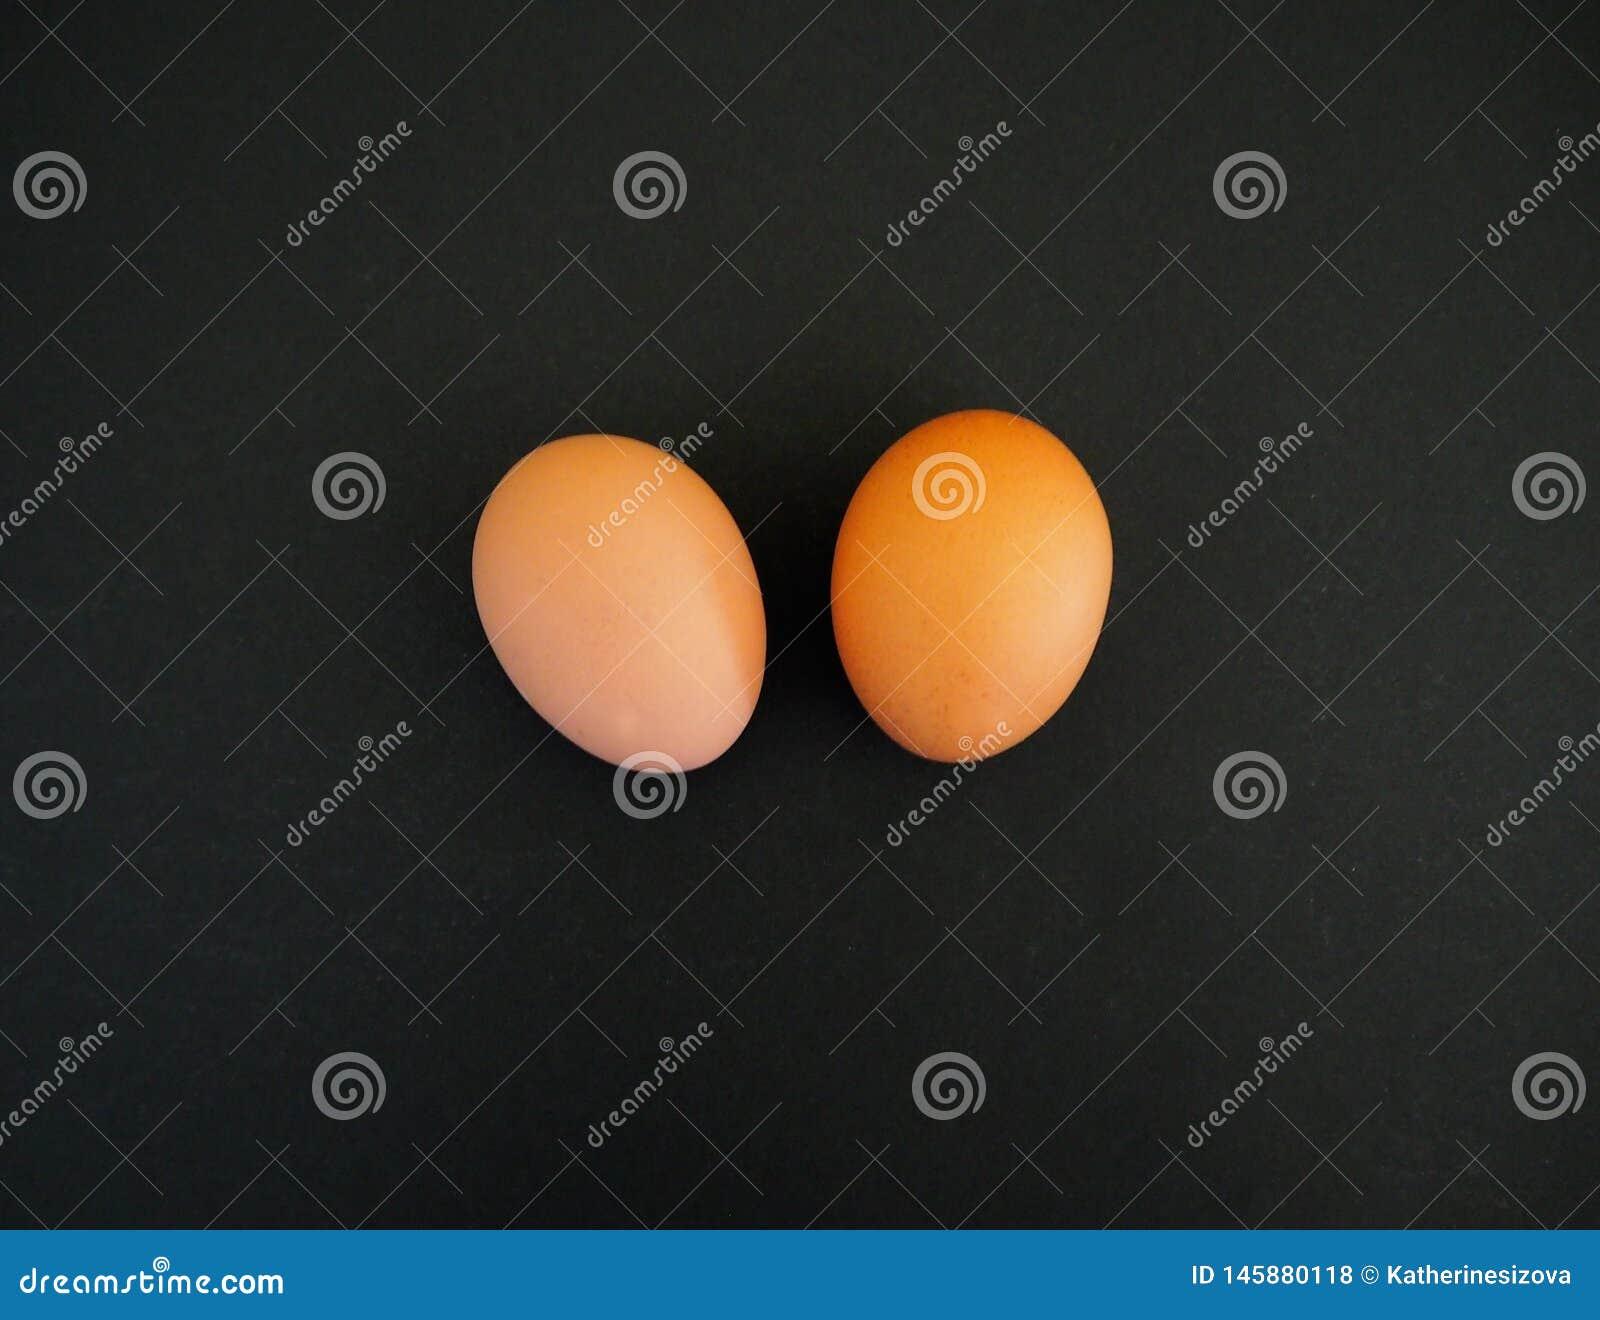 Paar van bruine eieren op de zwarte achtergrond